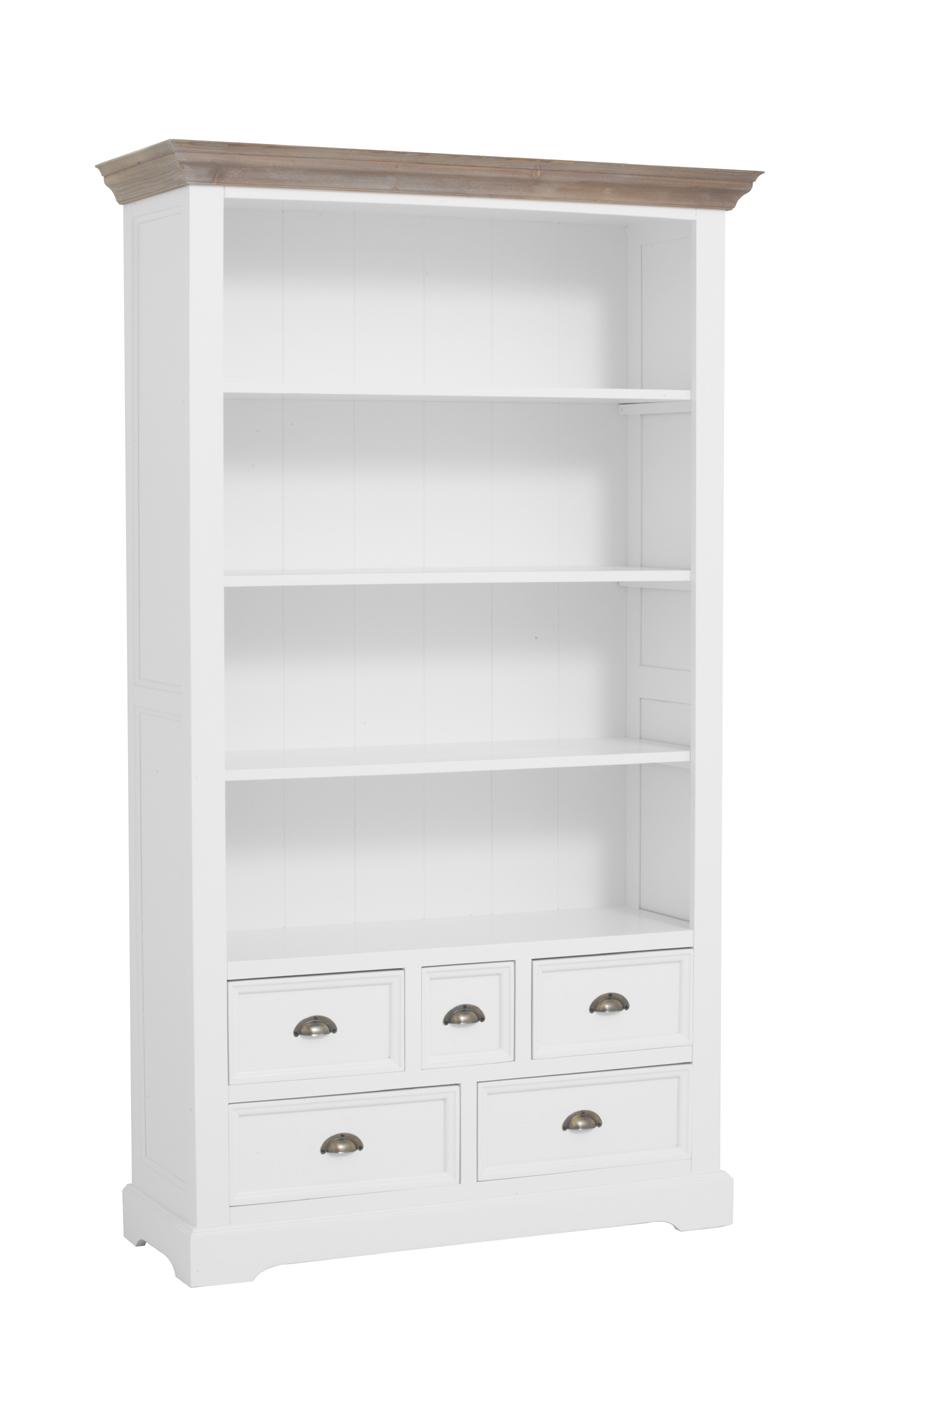 kast-fleur-boekenkast-towerliving-DD0017-111cm-vergrijsd hout-trendy wit-laadjes-planken-komgreep